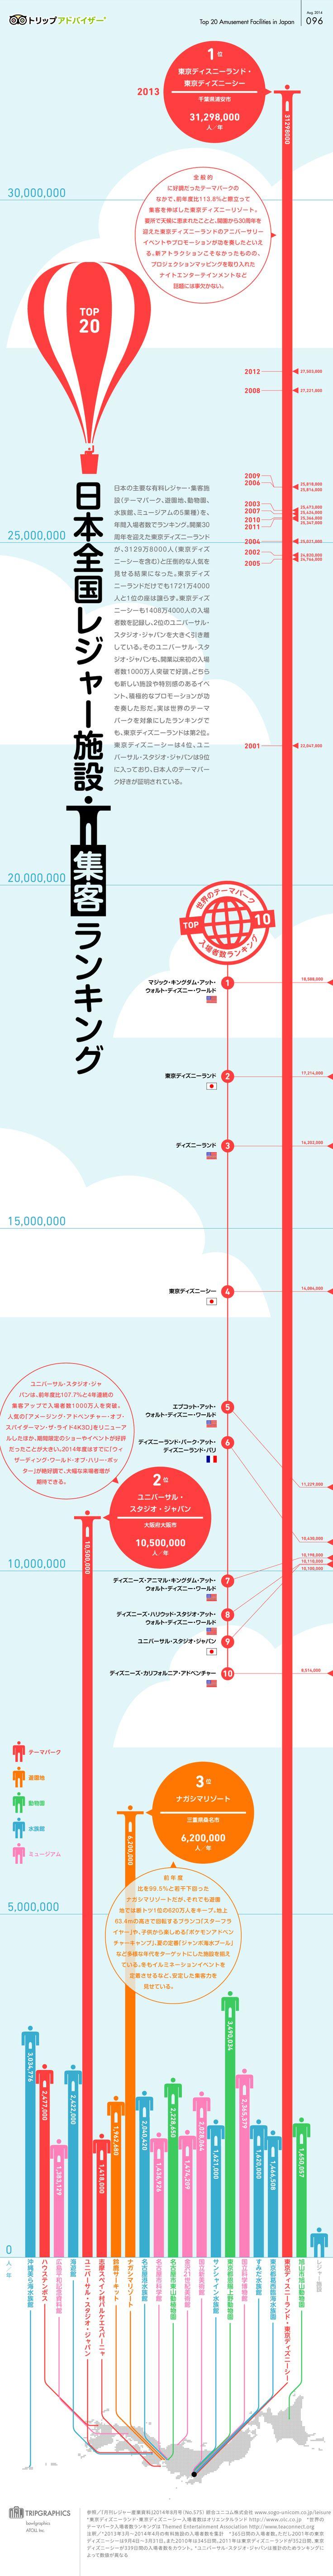 画像:日本全国レジャー施設集客ランキング